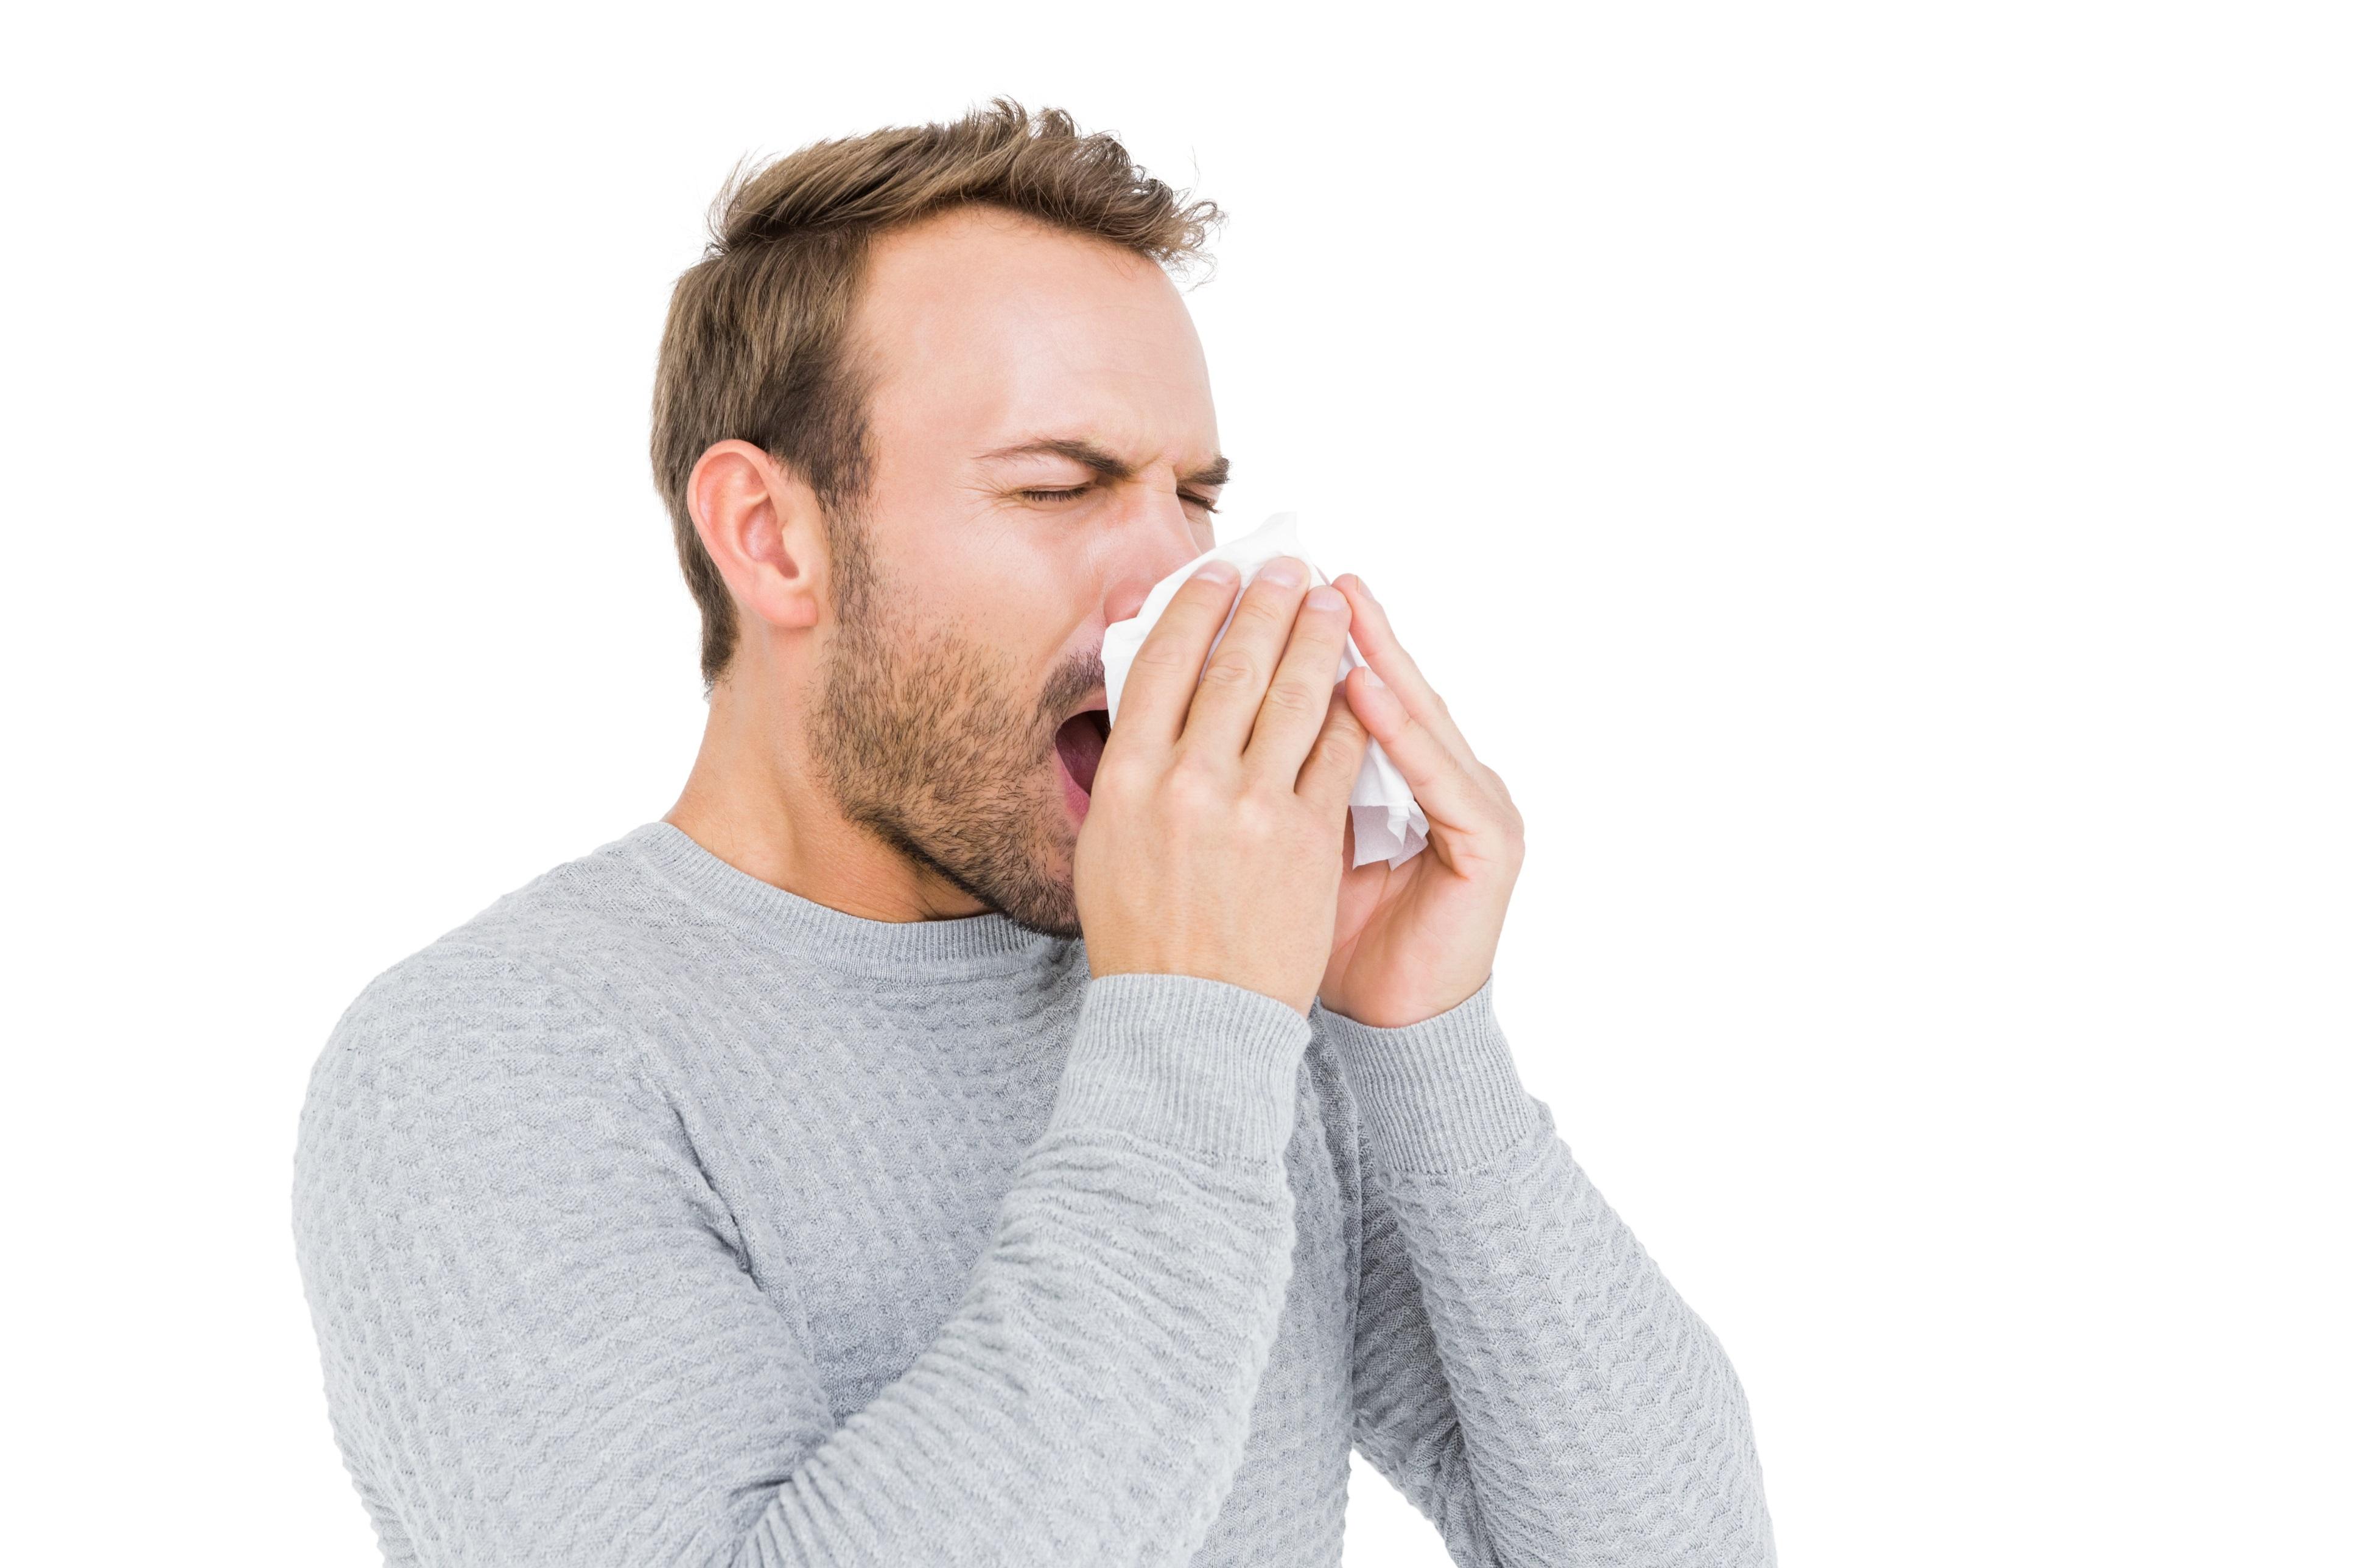 Кихането<br /> <br /> Освен сополите, самото кихане, особено ако е много шумно, се определя като отвратително. То обаче помага да се предотврати навлизането на нежелани елементи в тялото ни през носа. Дразнители като пипер и прах, когато влязат в носа ни, могат бързо да бъдат отстранени чрез кихане. Тази реакция се случва и когато вашите носни мембрани са заразени с вирус като обикновена настинка. Кихането ви помага да изчистите носа си от потенциално по-вредни вируси и бактерии. Въпреки че е грубо, кихането е важна част от здравословното състояние.